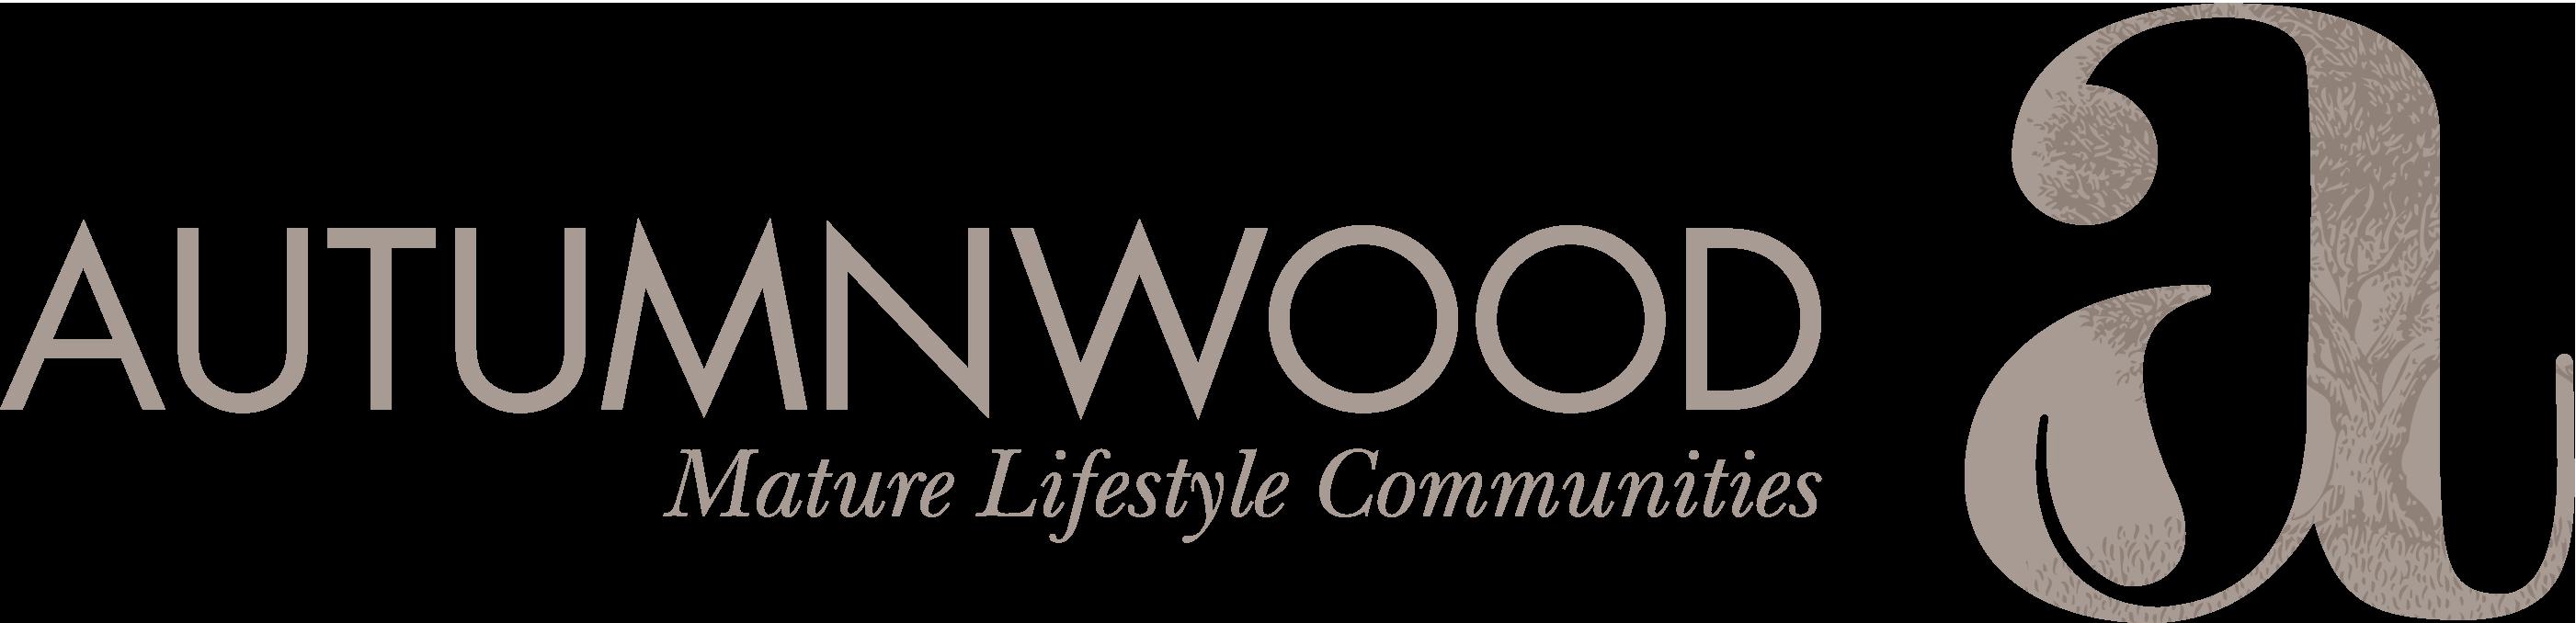 Autumnwood Mature Lifestyle Communities logo